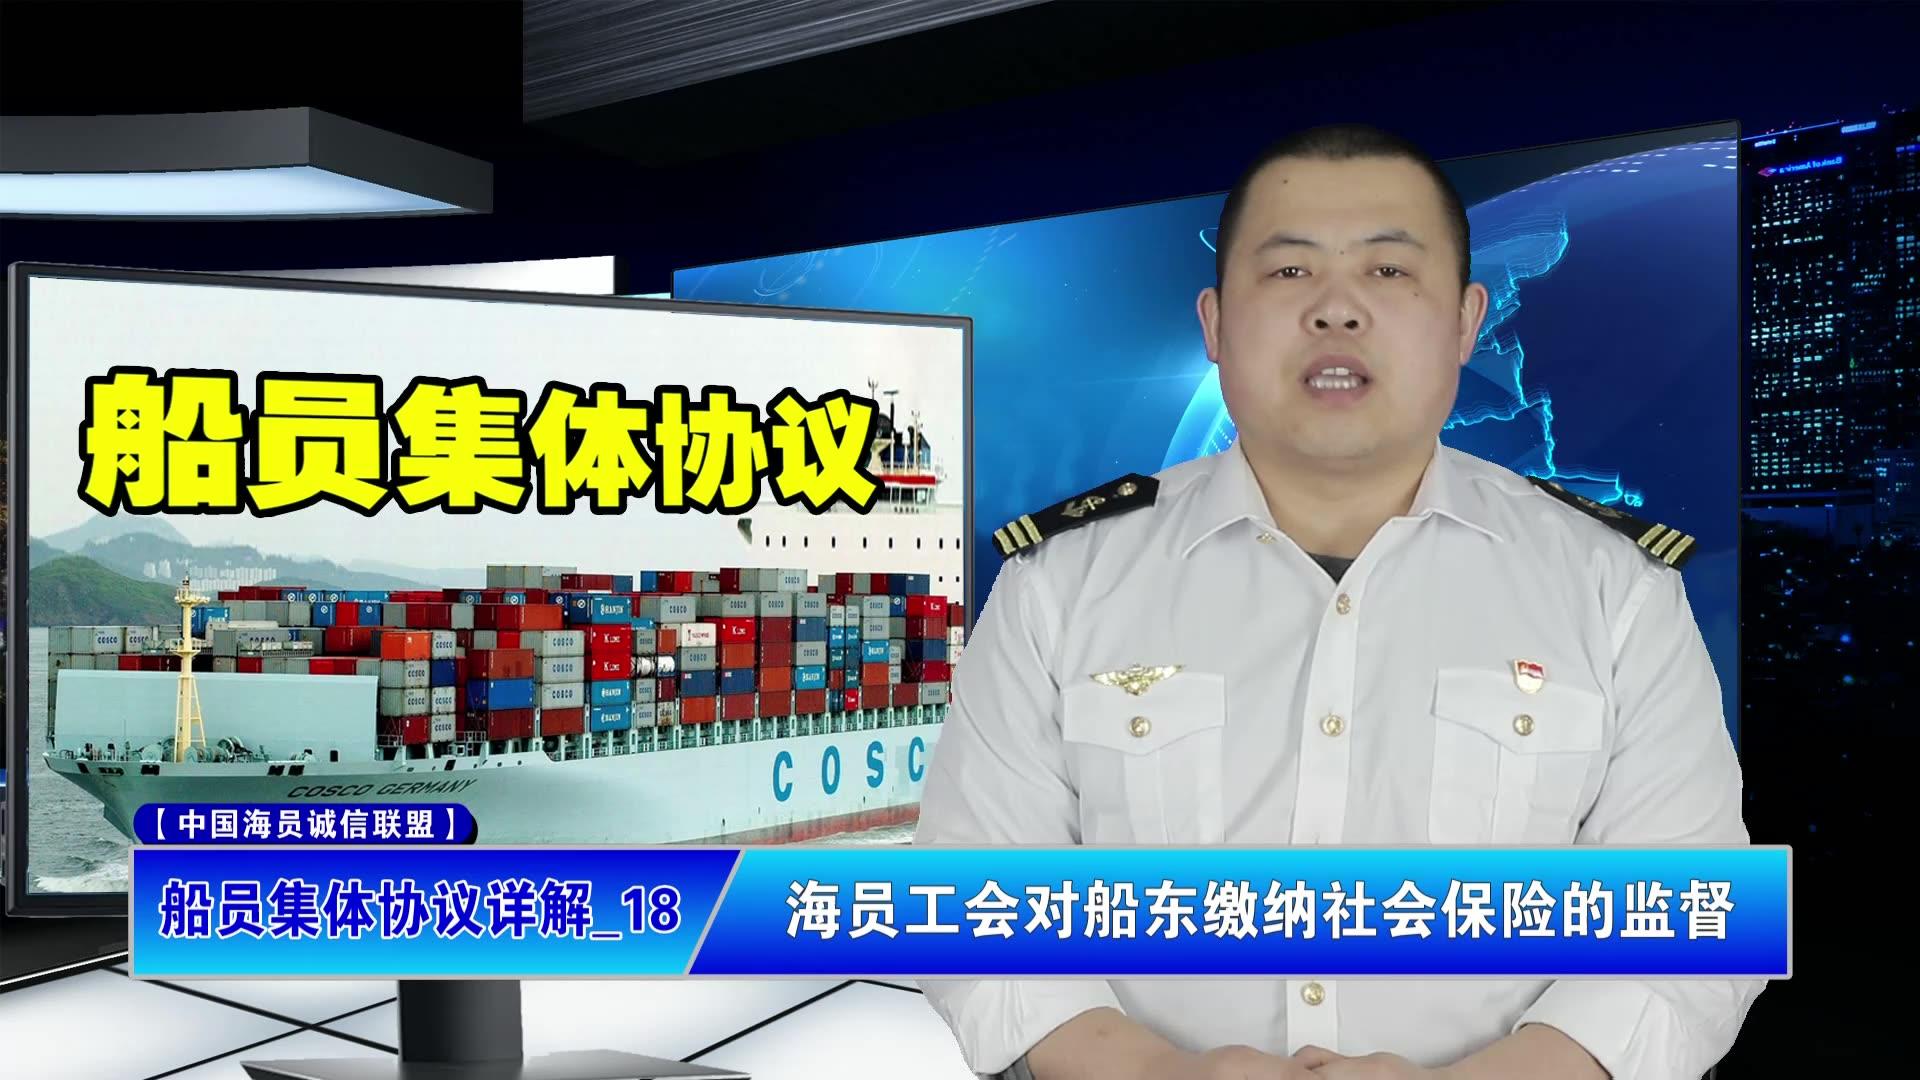 船员集体协议详解_18:海员工会对船东缴纳社会保险的监督